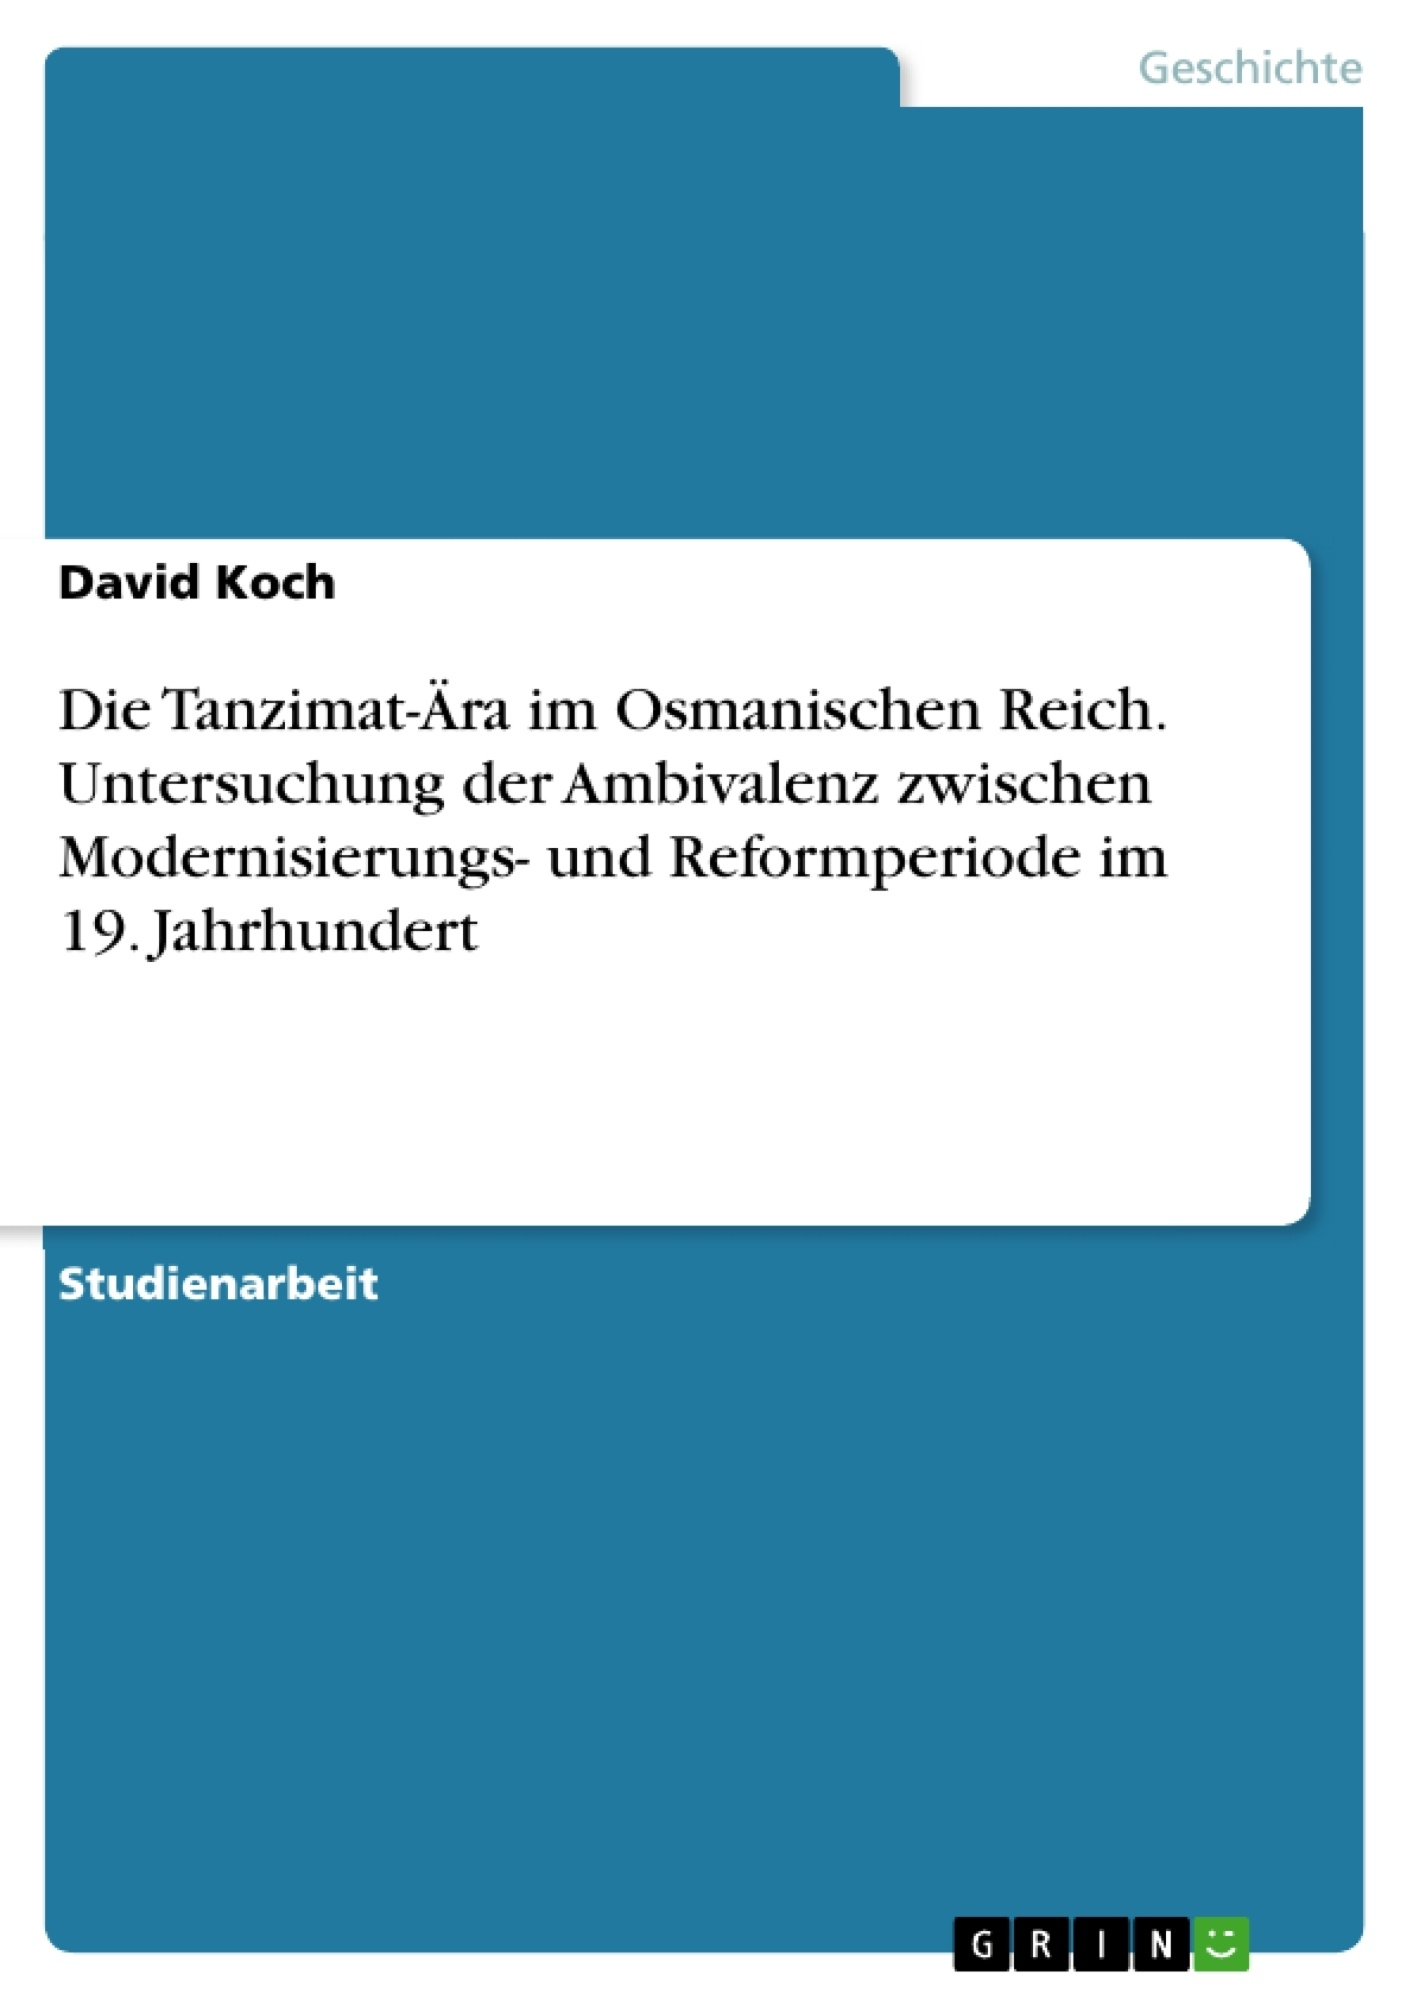 Titel: Die Tanzimat-Ära im Osmanischen Reich. Untersuchung der Ambivalenz zwischen Modernisierungs- und Reformperiode im 19. Jahrhundert